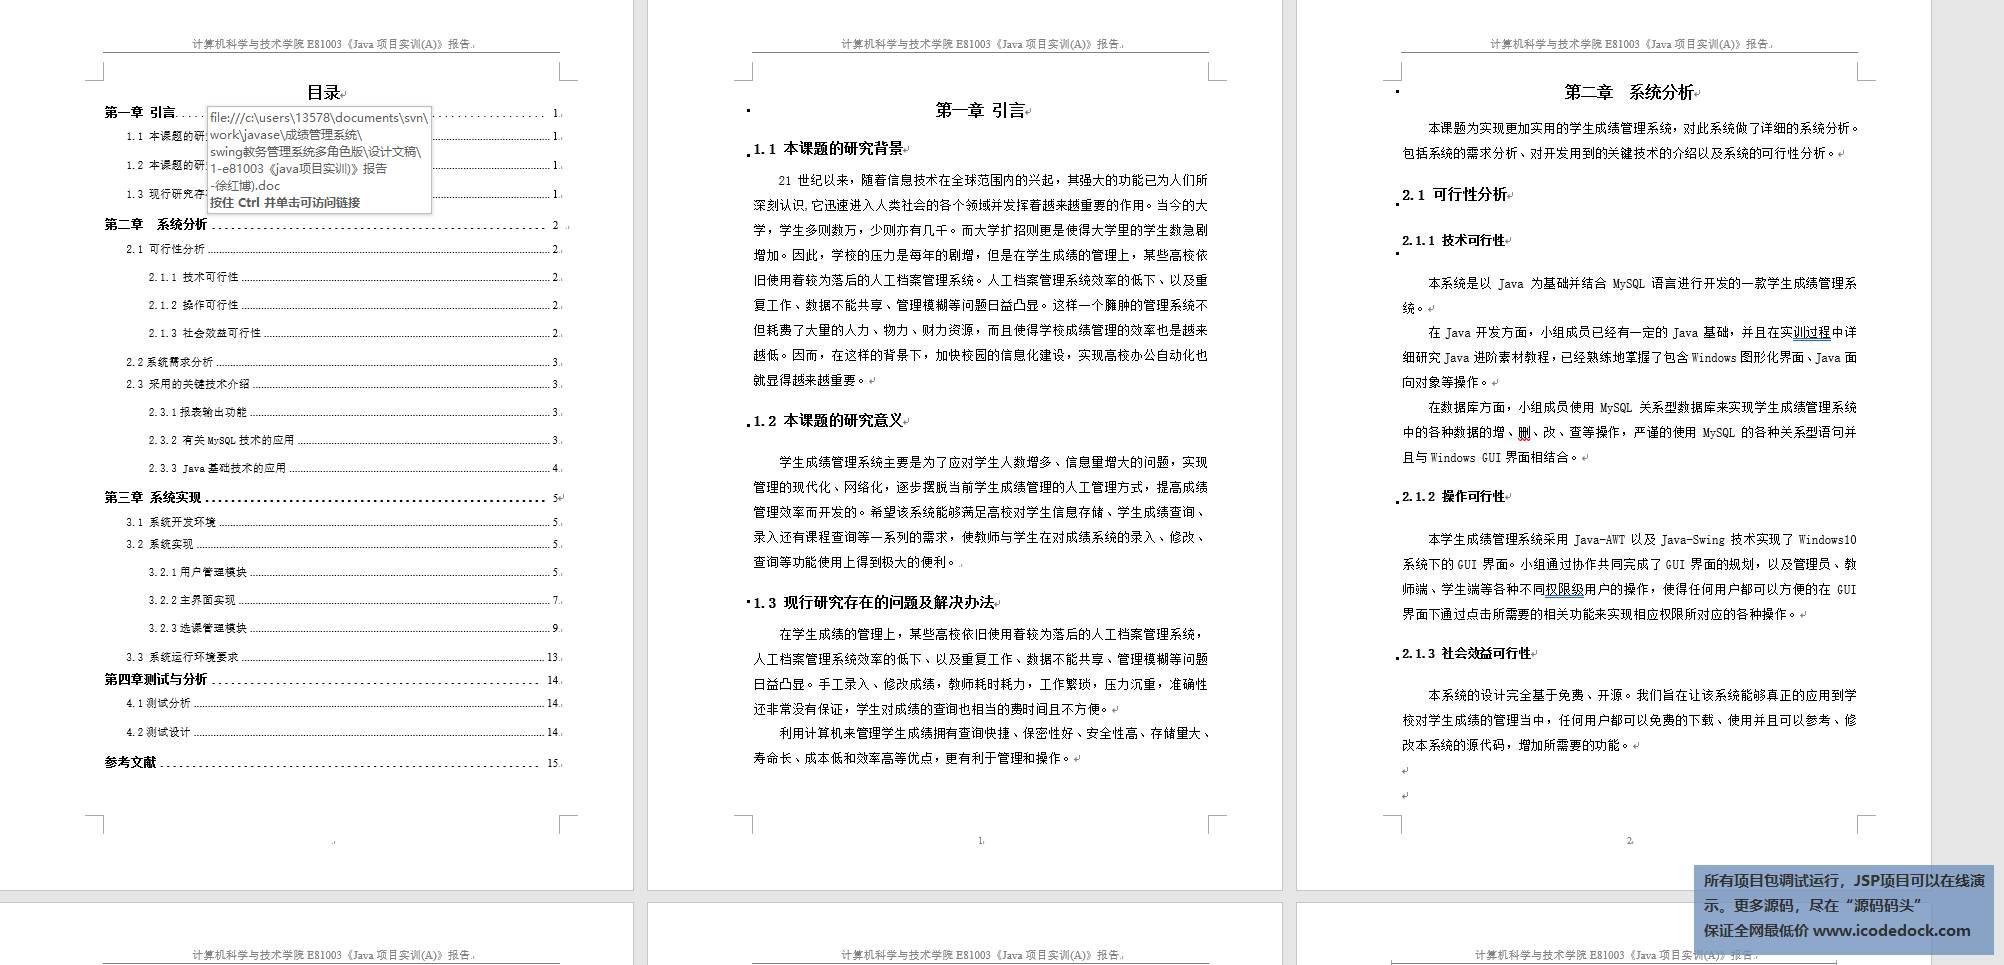 源码码头-swing教务管理系统多角色版-设计文稿截图-目录